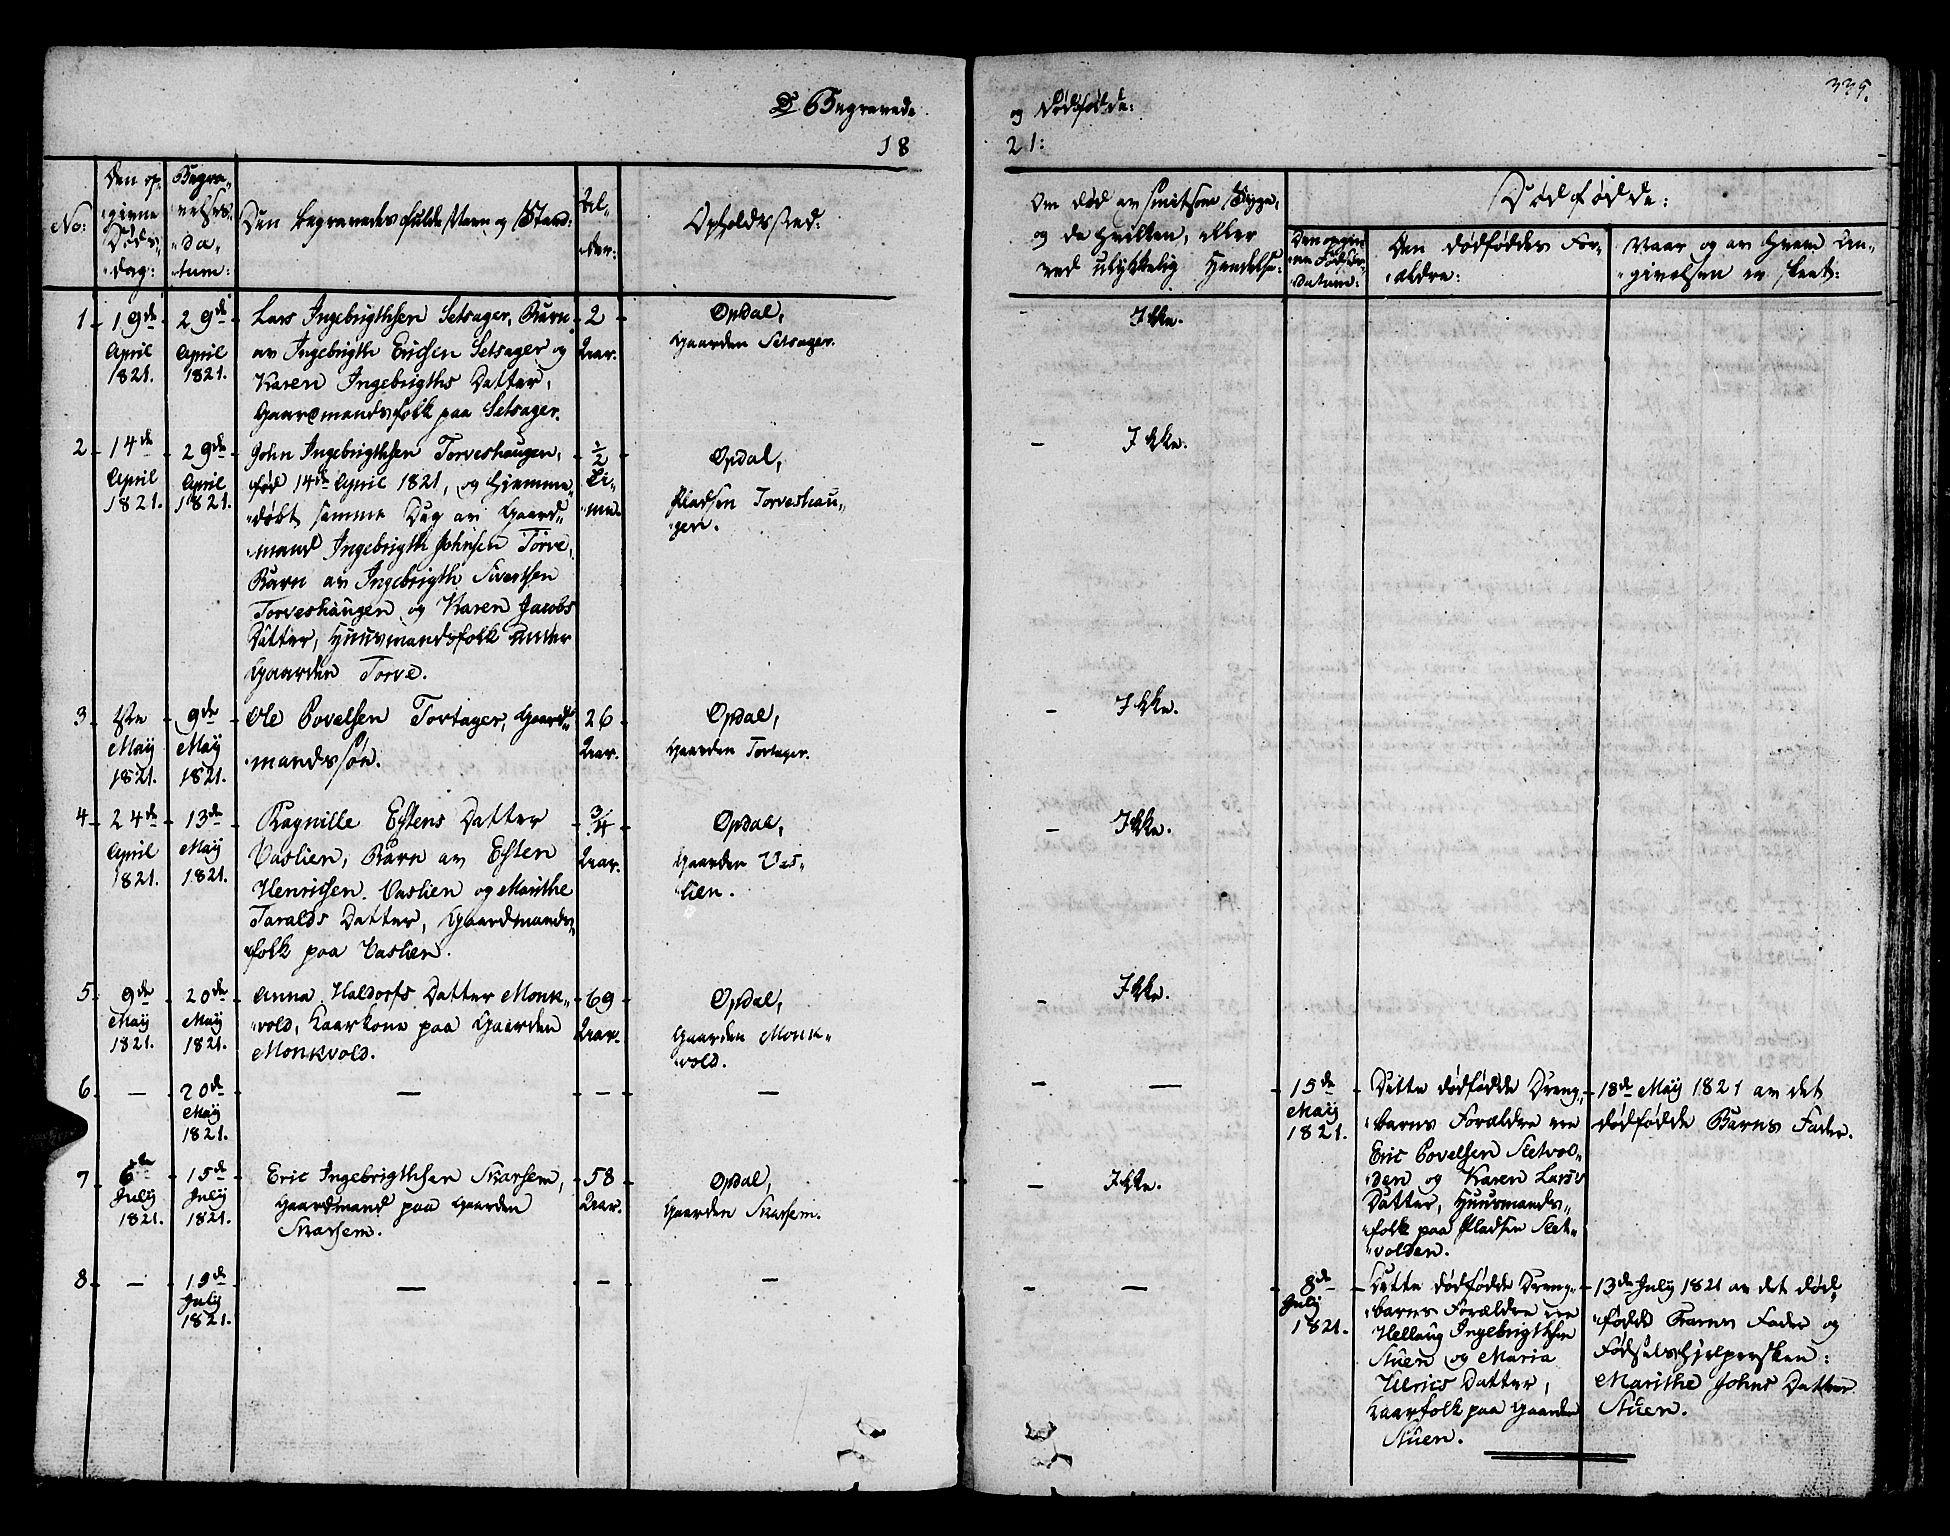 SAT, Ministerialprotokoller, klokkerbøker og fødselsregistre - Sør-Trøndelag, 678/L0897: Ministerialbok nr. 678A06-07, 1821-1847, s. 335